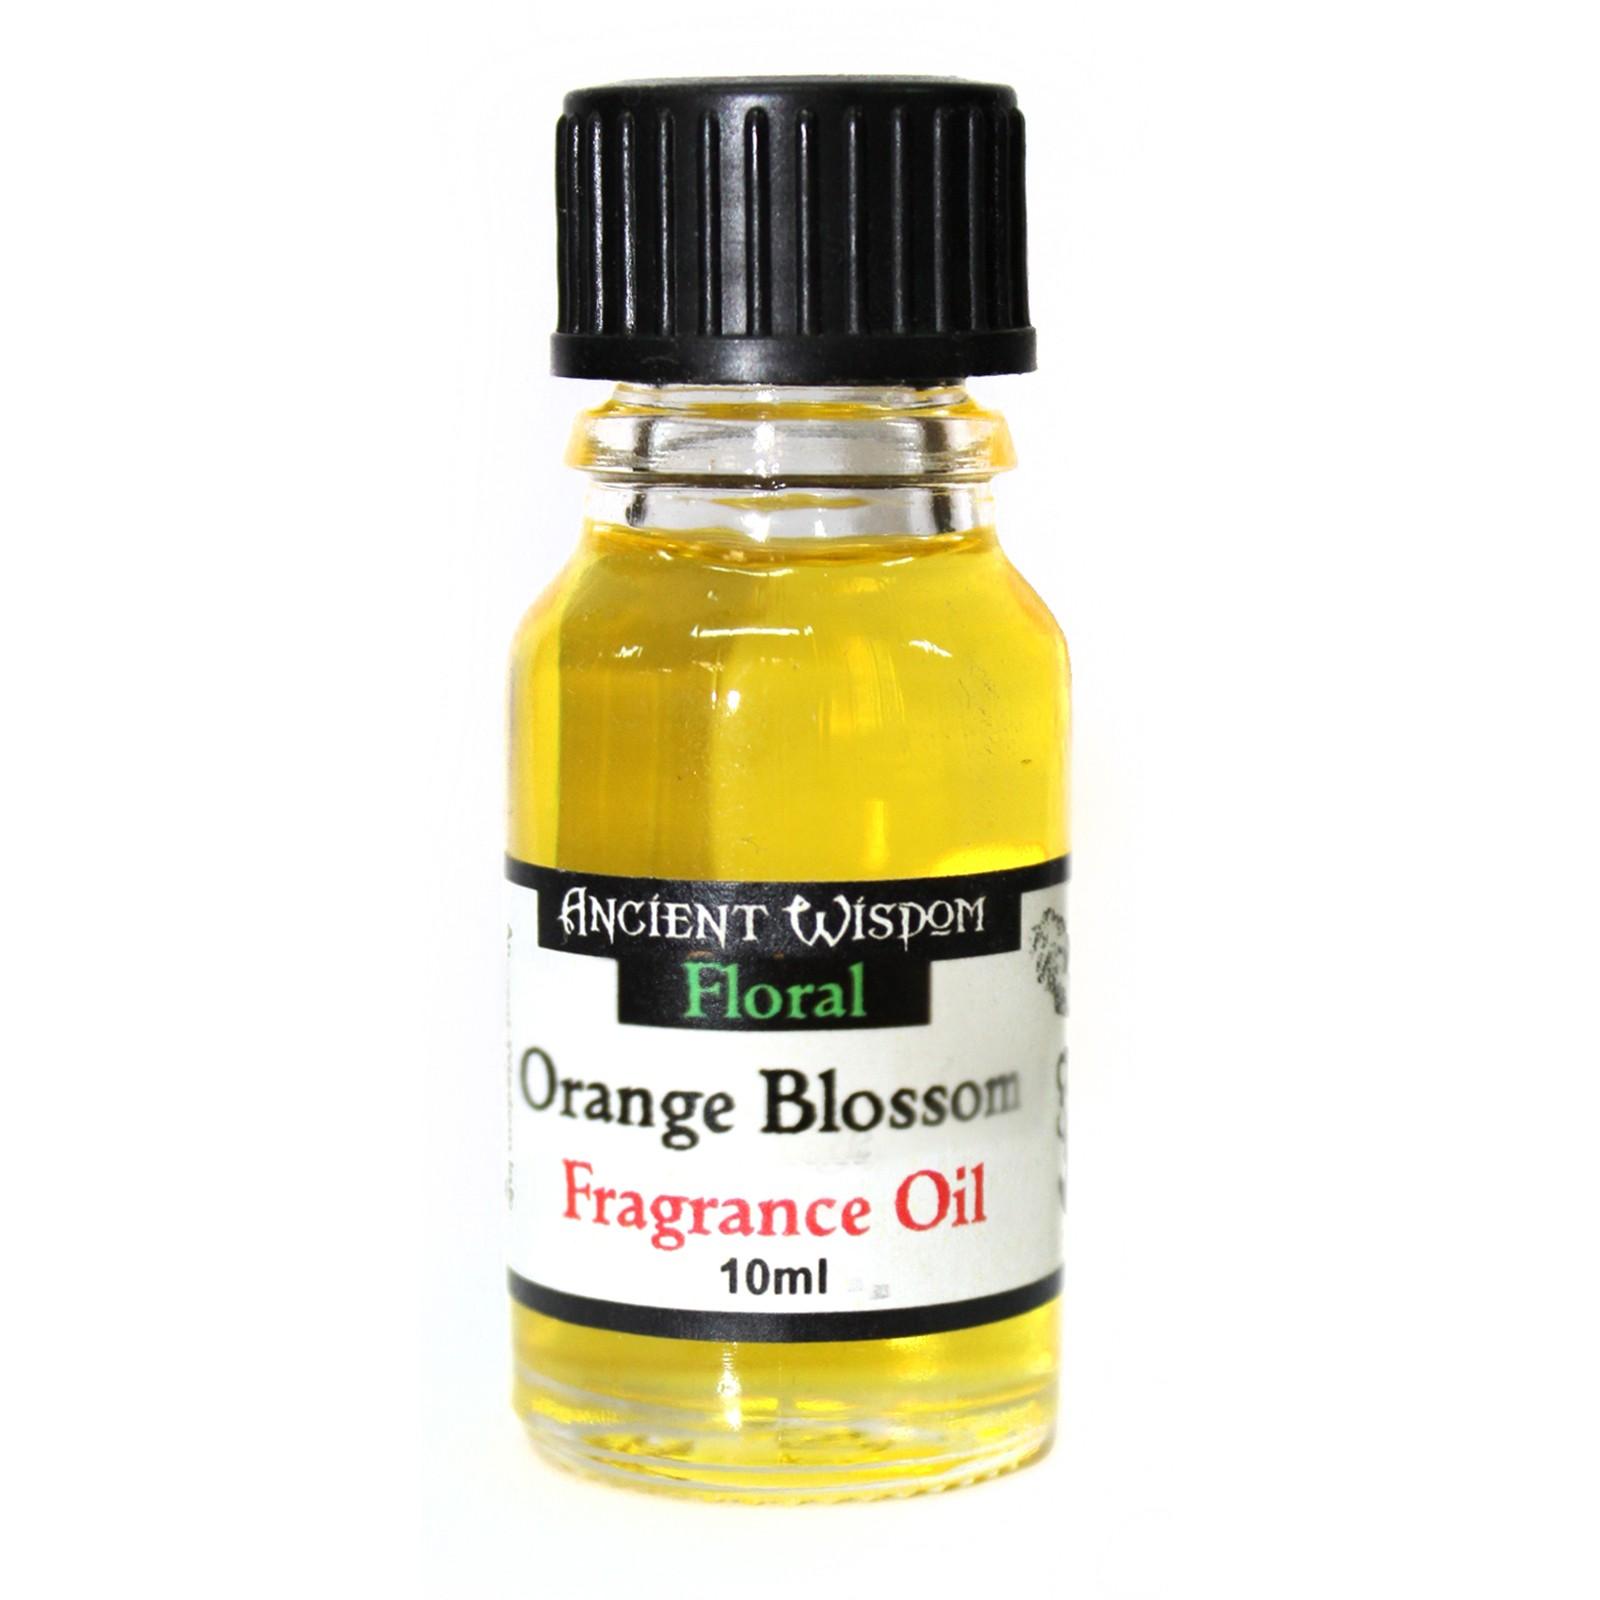 10ml Orange Blossom Fragrance Oil